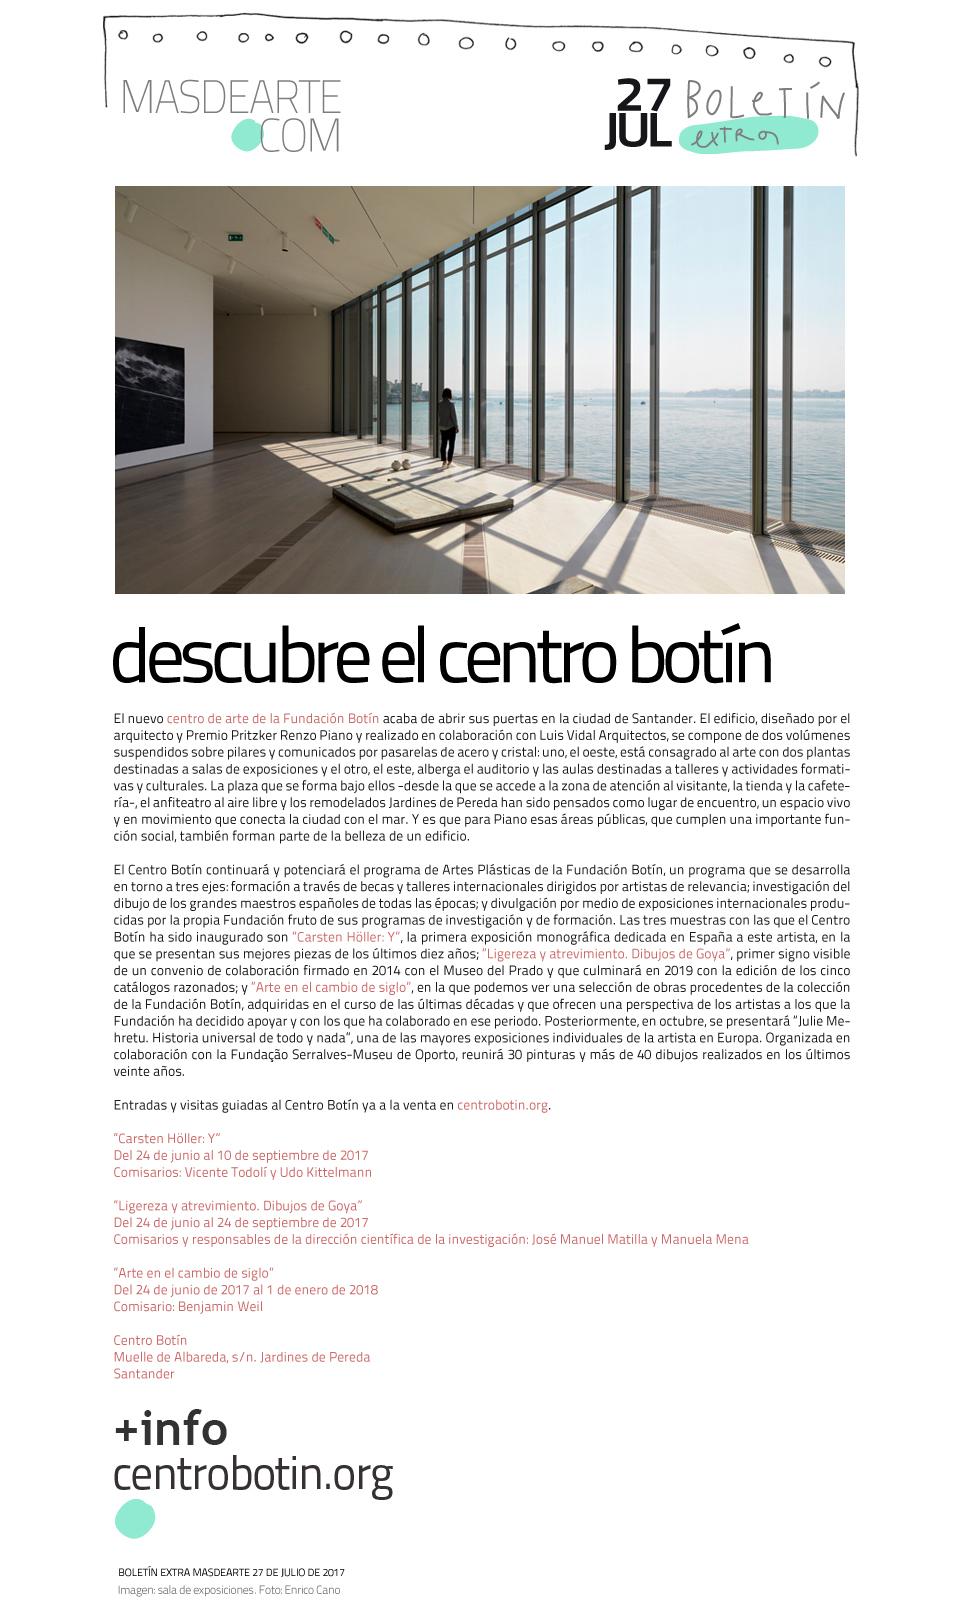 Este verano no dejes de visitar el nuevo centro de arte contemporáneo en  Santander.  Entradas y visitas guiadas al Centro Botín ya disponibles en su web: centrobotin.org